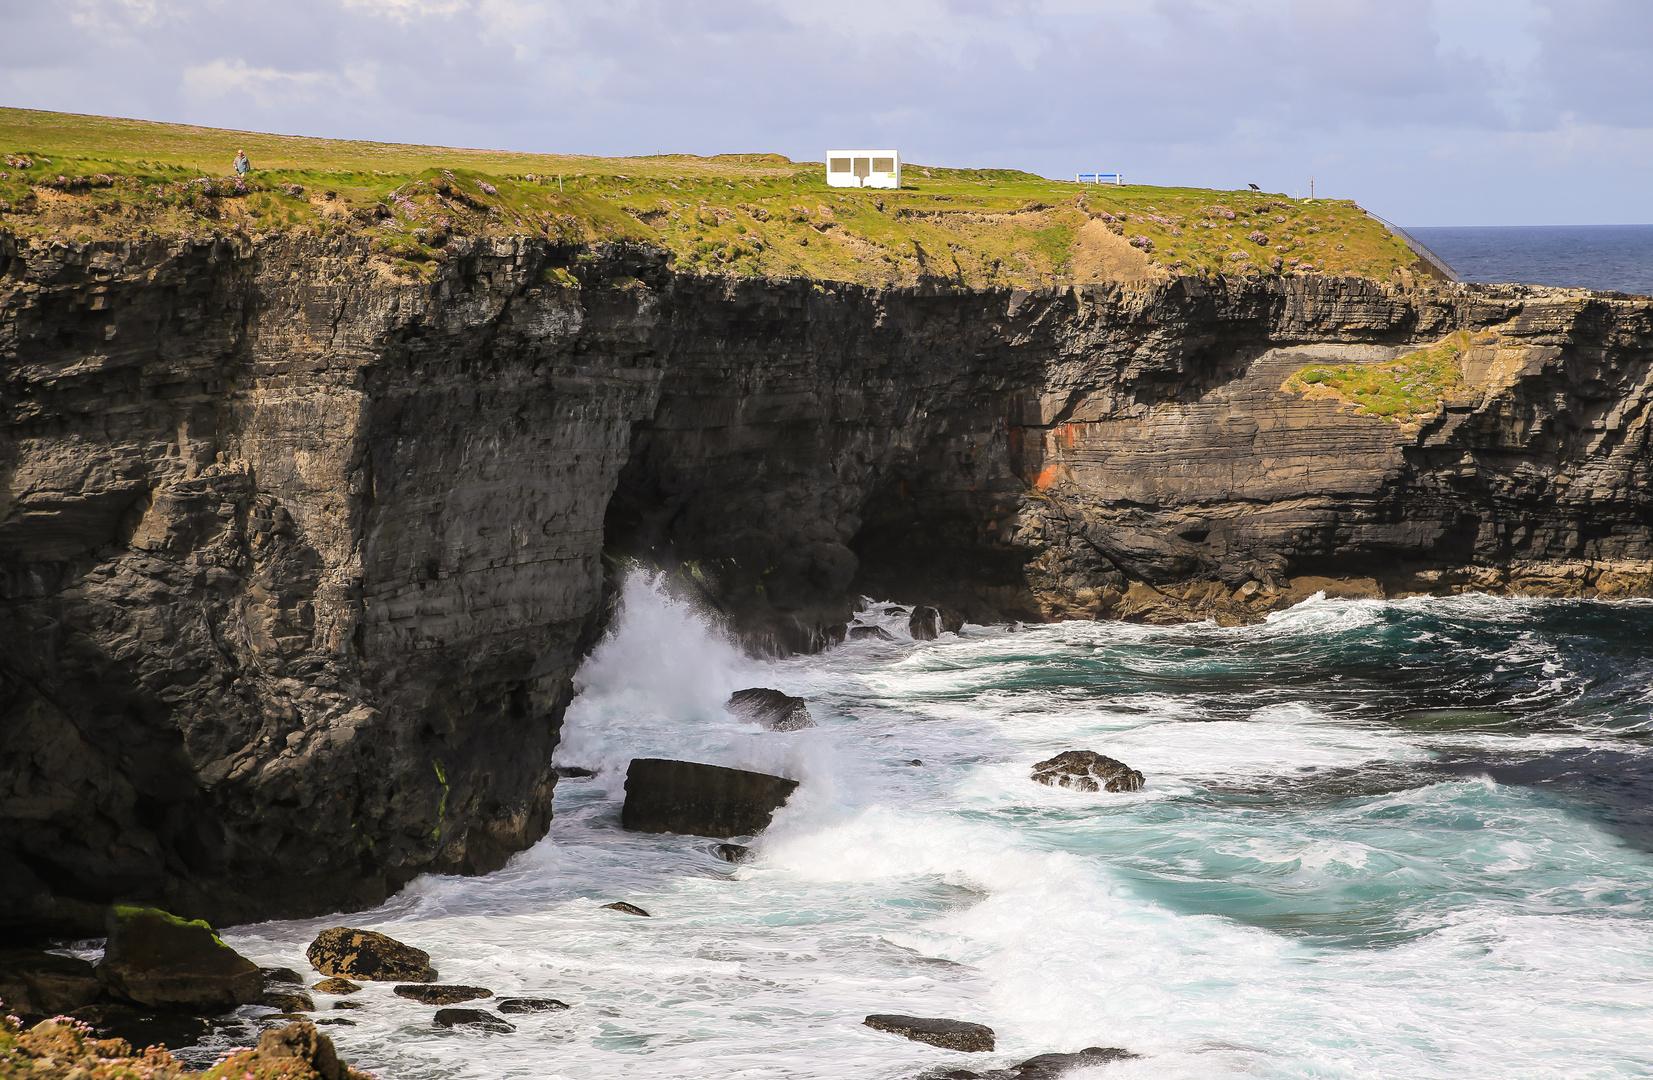 Irlandreise 2017...224 County Clare